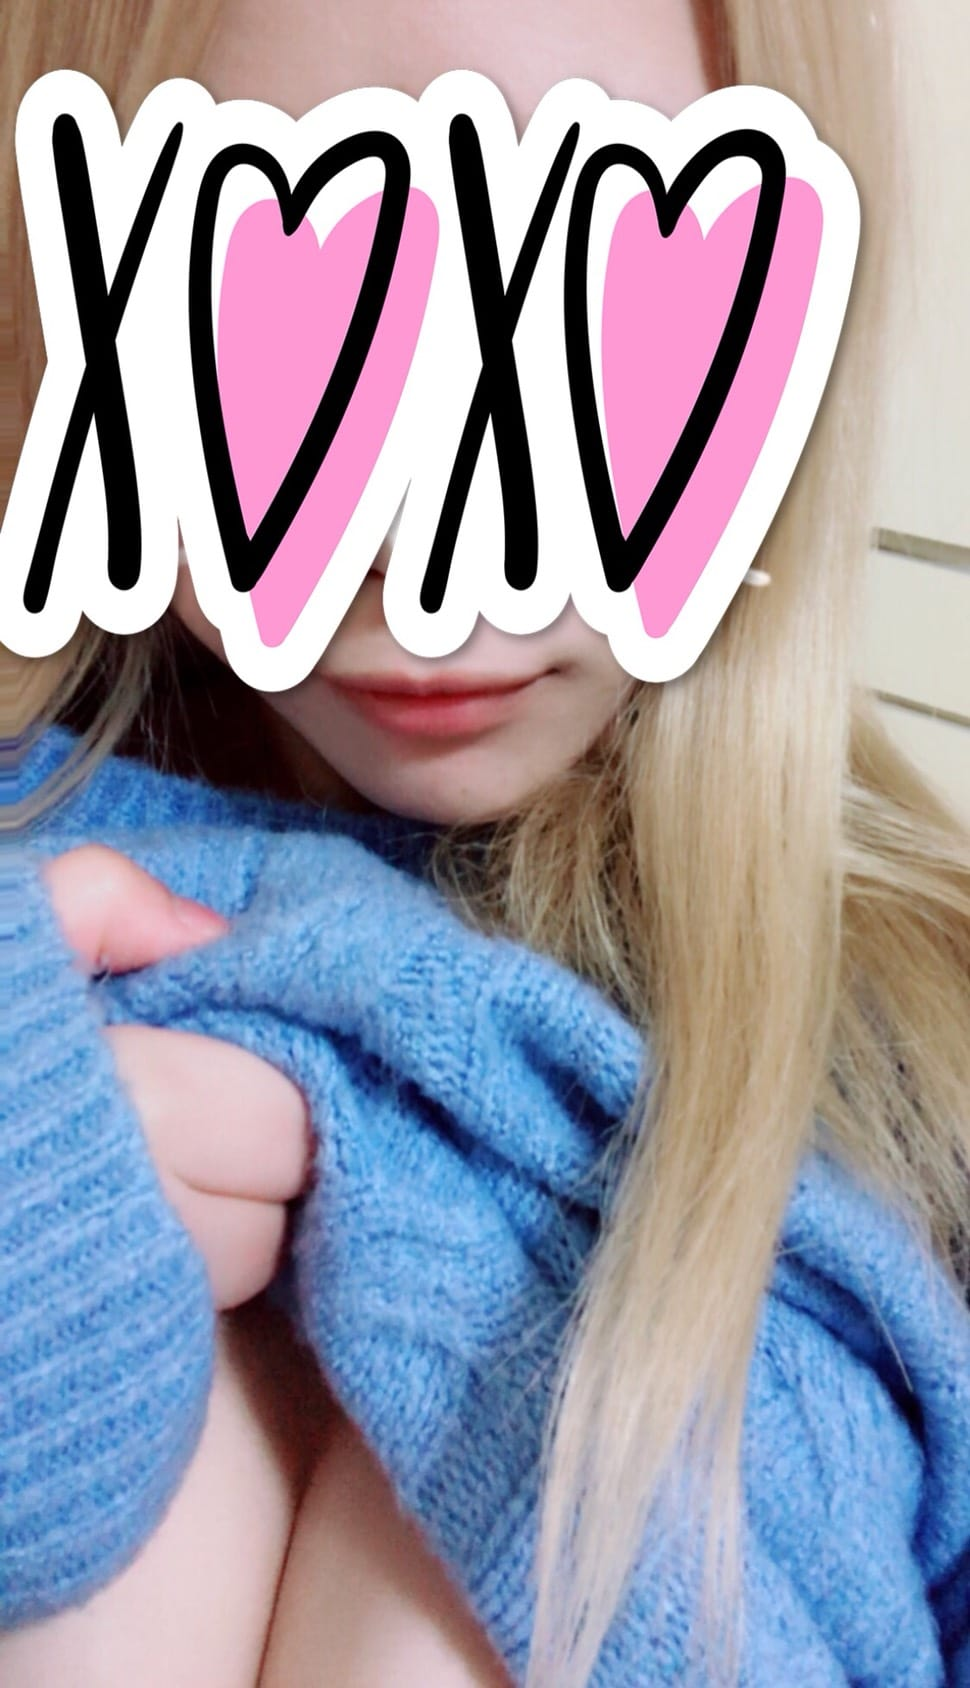 「お疲れ様です♪♪」02/15(木) 05:27   ゆなの写メ・風俗動画